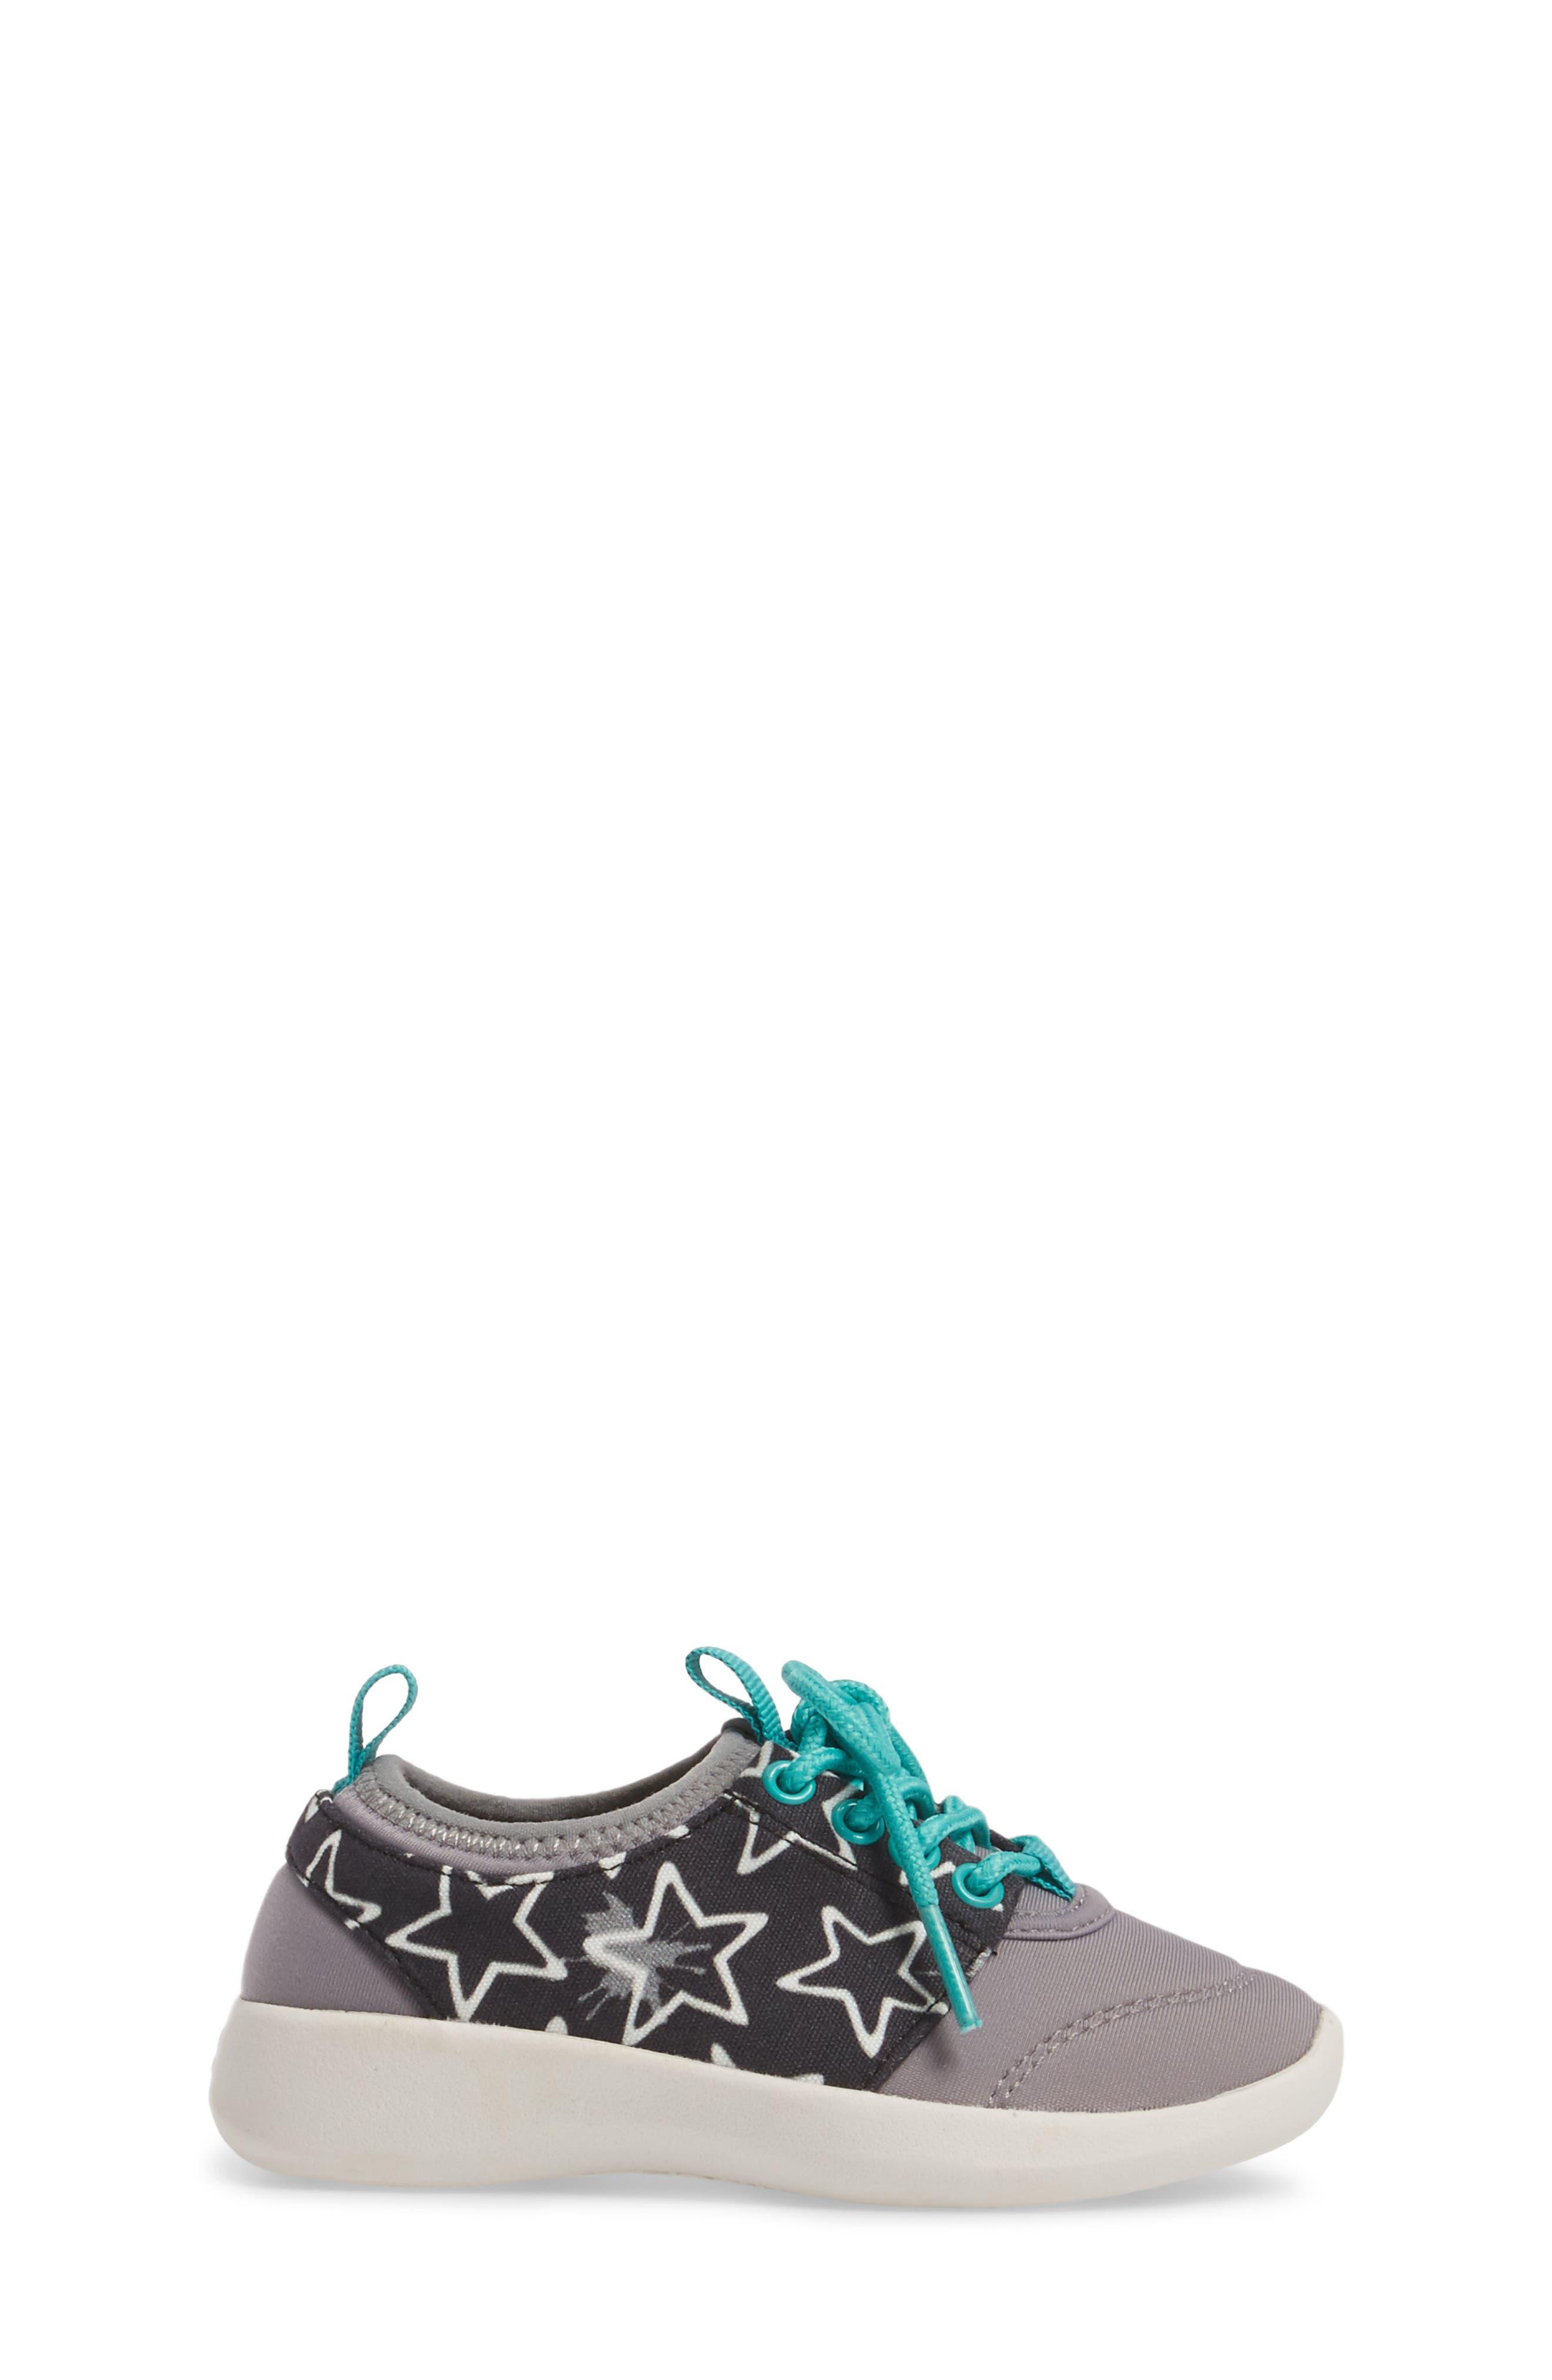 Bolt Sock-Fit Sneaker,                             Alternate thumbnail 3, color,                             001